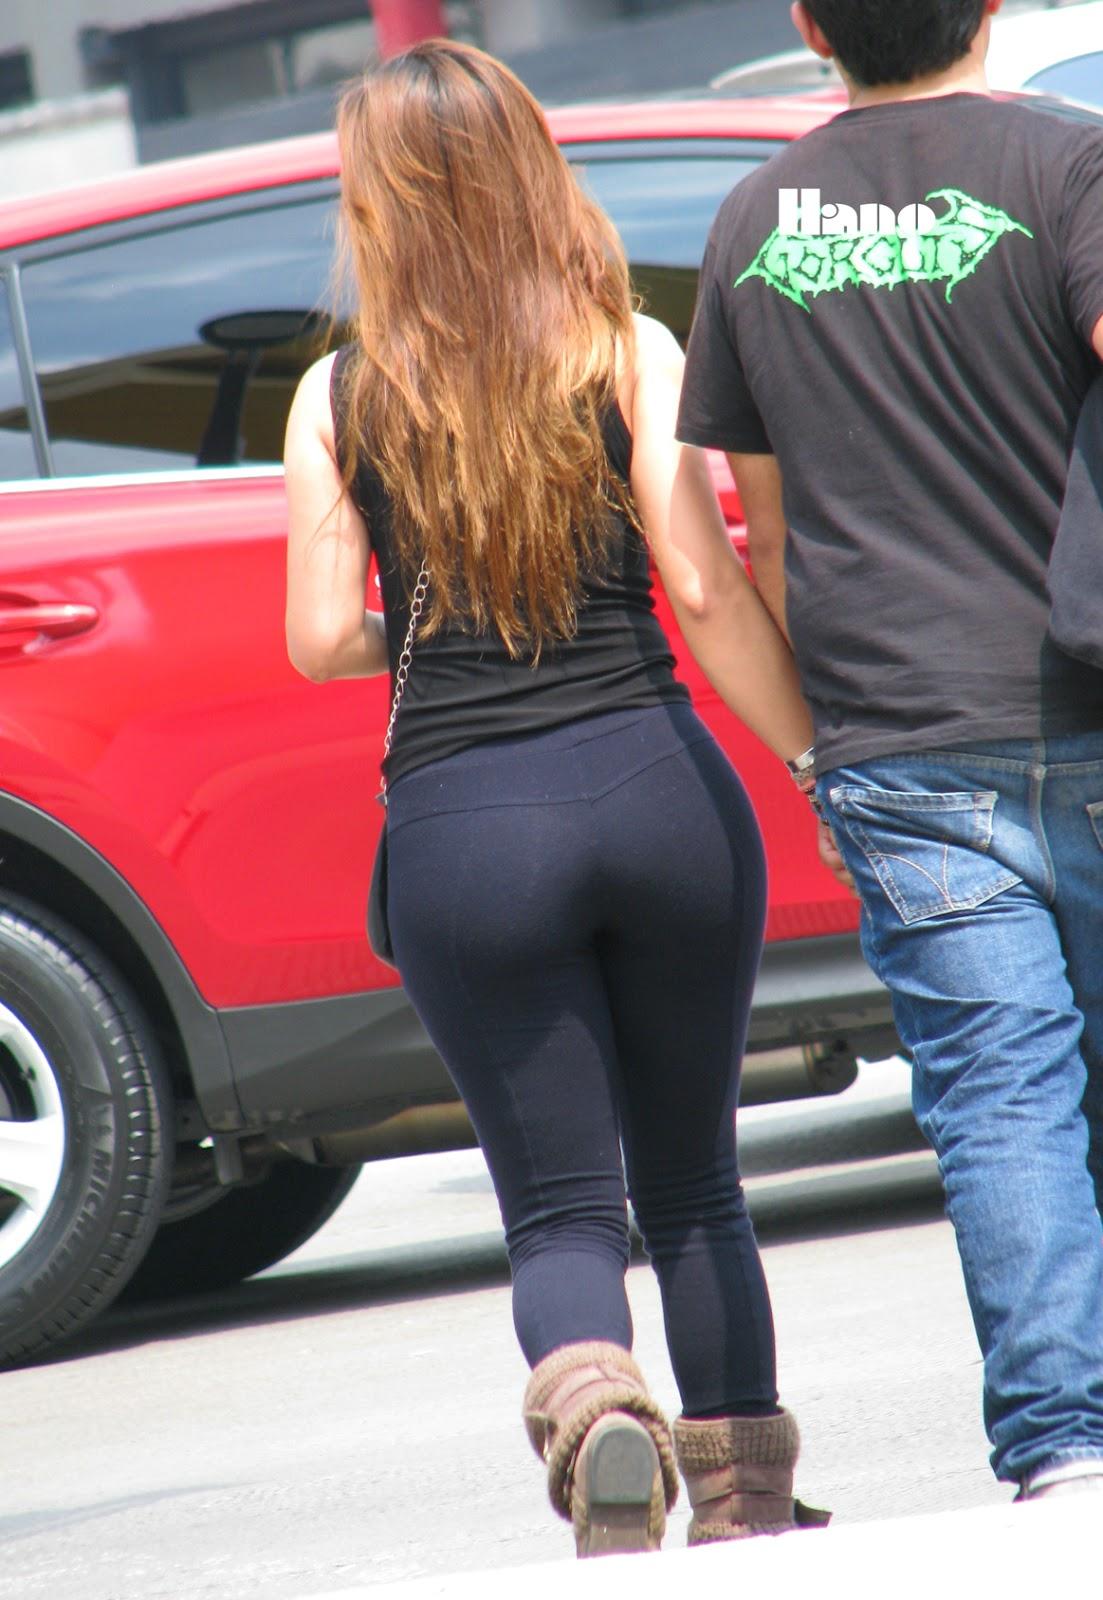 Milf muy sexy en pantalones se da cuenta de la camara - 5 1